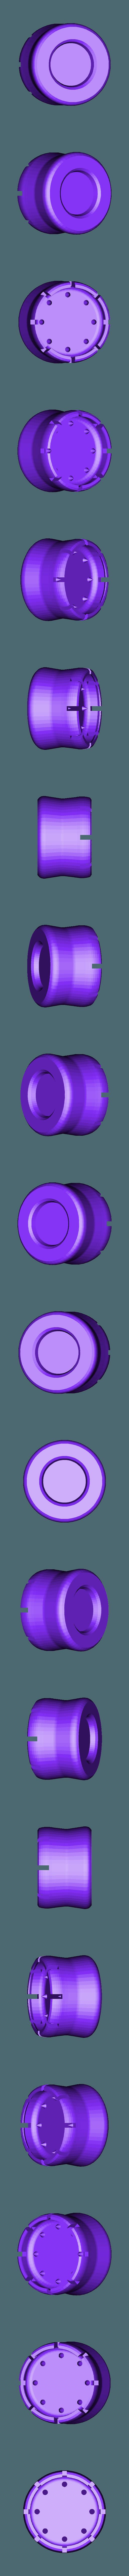 thumbcaps_high.stl Télécharger fichier STL gratuit PS4 Prolongateur de capsule concave • Objet imprimable en 3D, daandruff